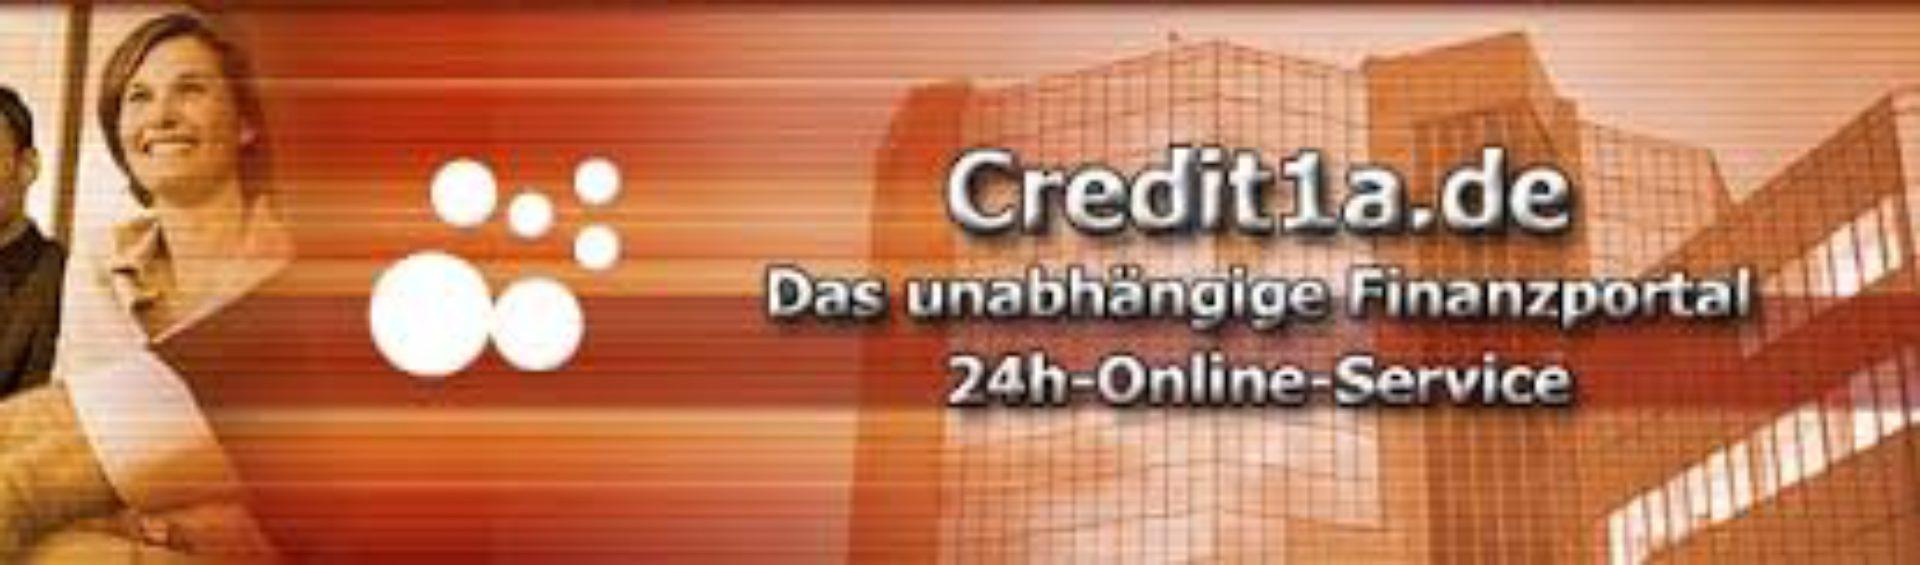 Credit1a Finanzportal